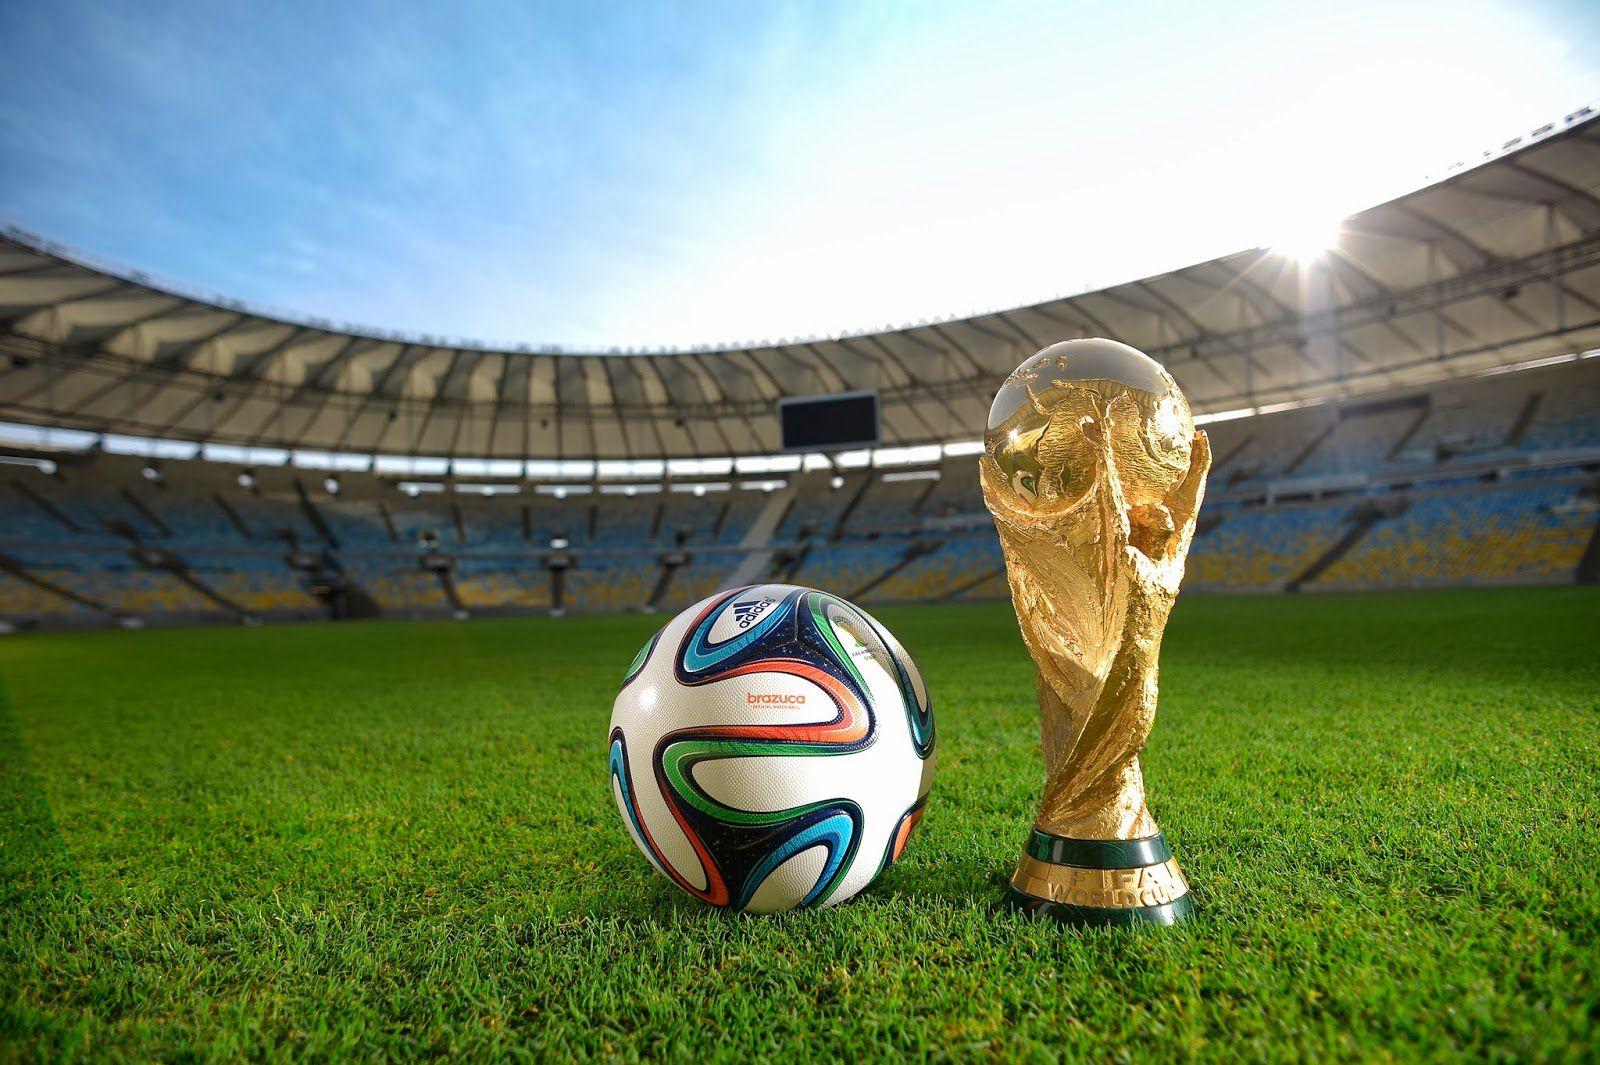 جنگ بزرگ جدید در فوتبال